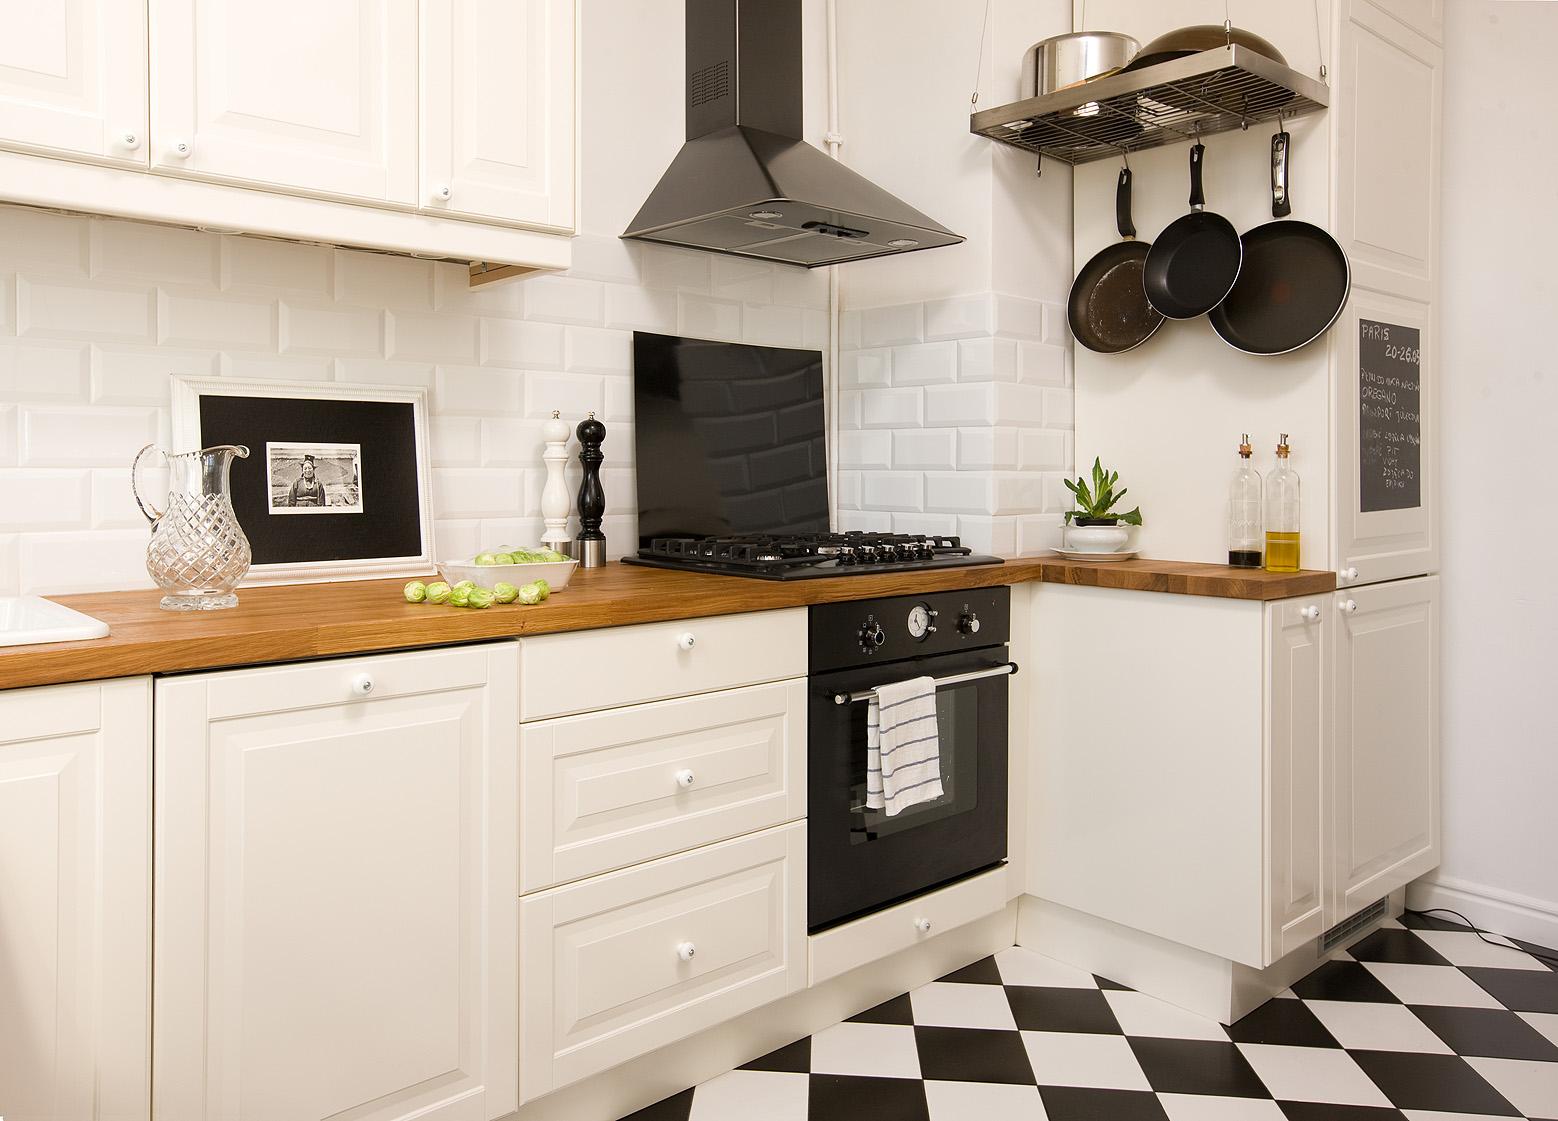 Kuchnie Z Ikea Opinie Zdjecia Montaz Etc Archiwum Strona 11